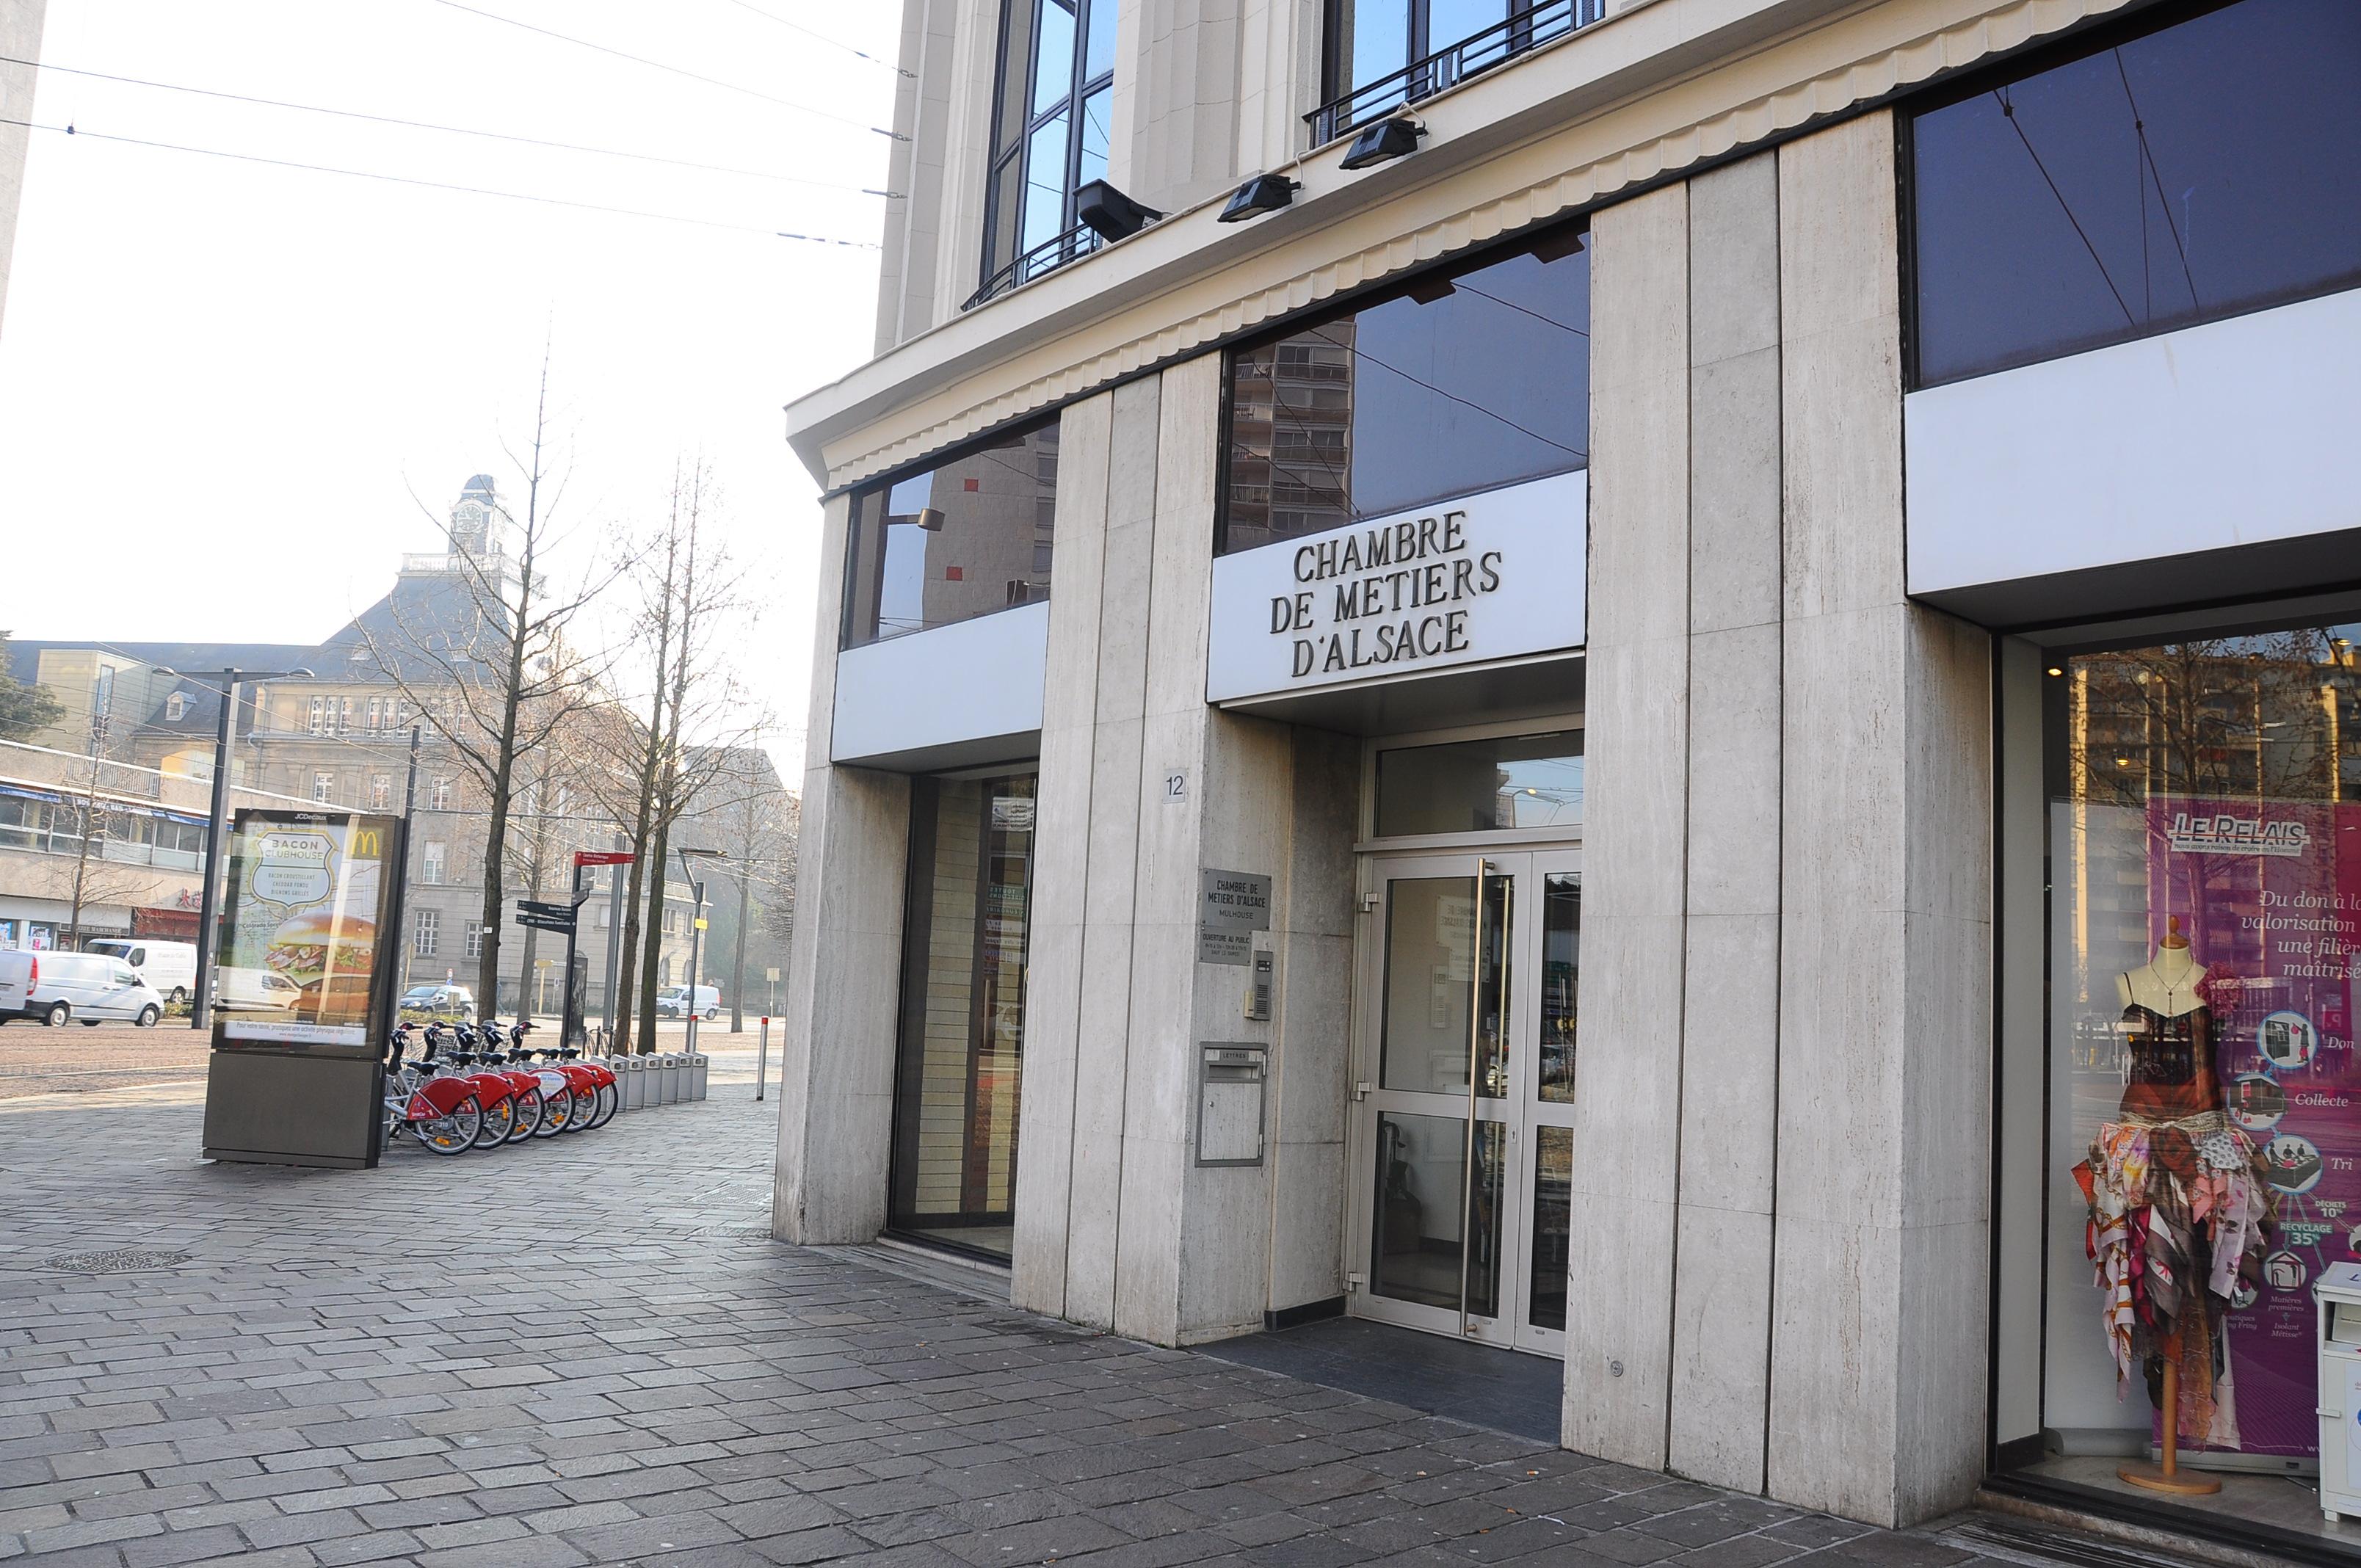 Document De L'aurm : 2015 Mulhouse Chambre Des Métiers D à Chambre Des Métiers D Alsace